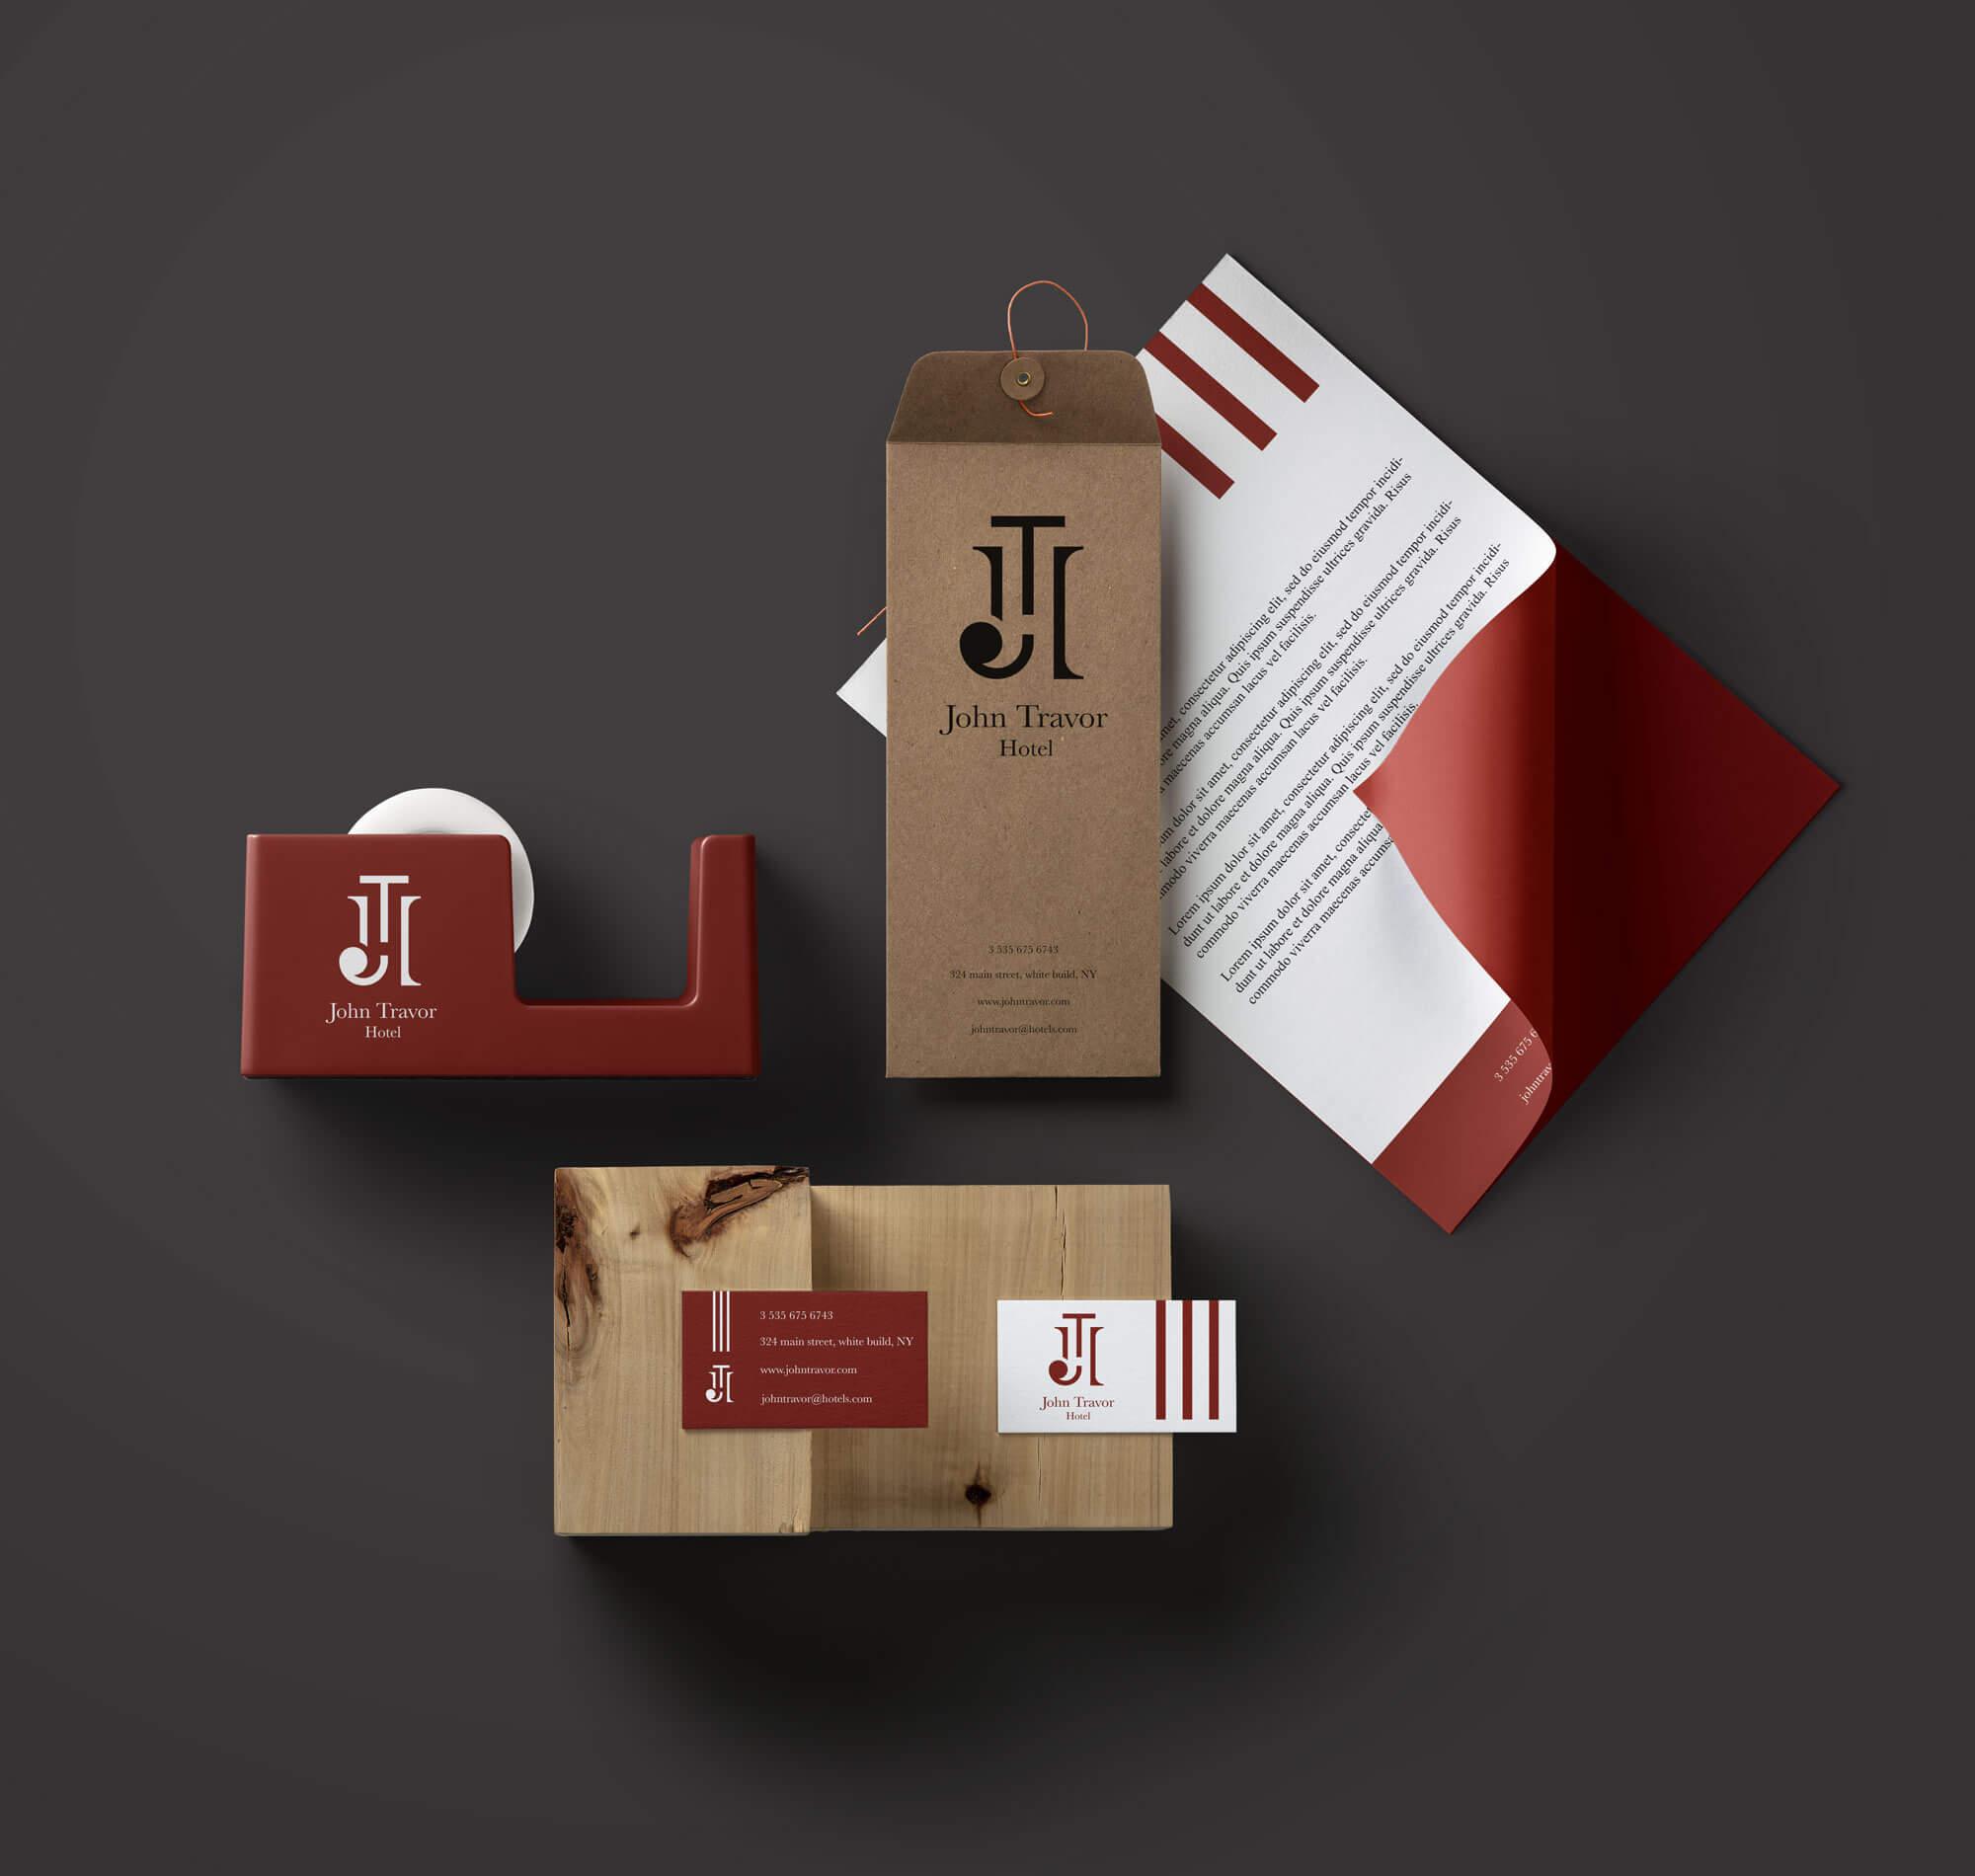 logo e brand identity design di john travor hotel su carta intestata e biglietti da visita bianchi su sfondo grigio scuro